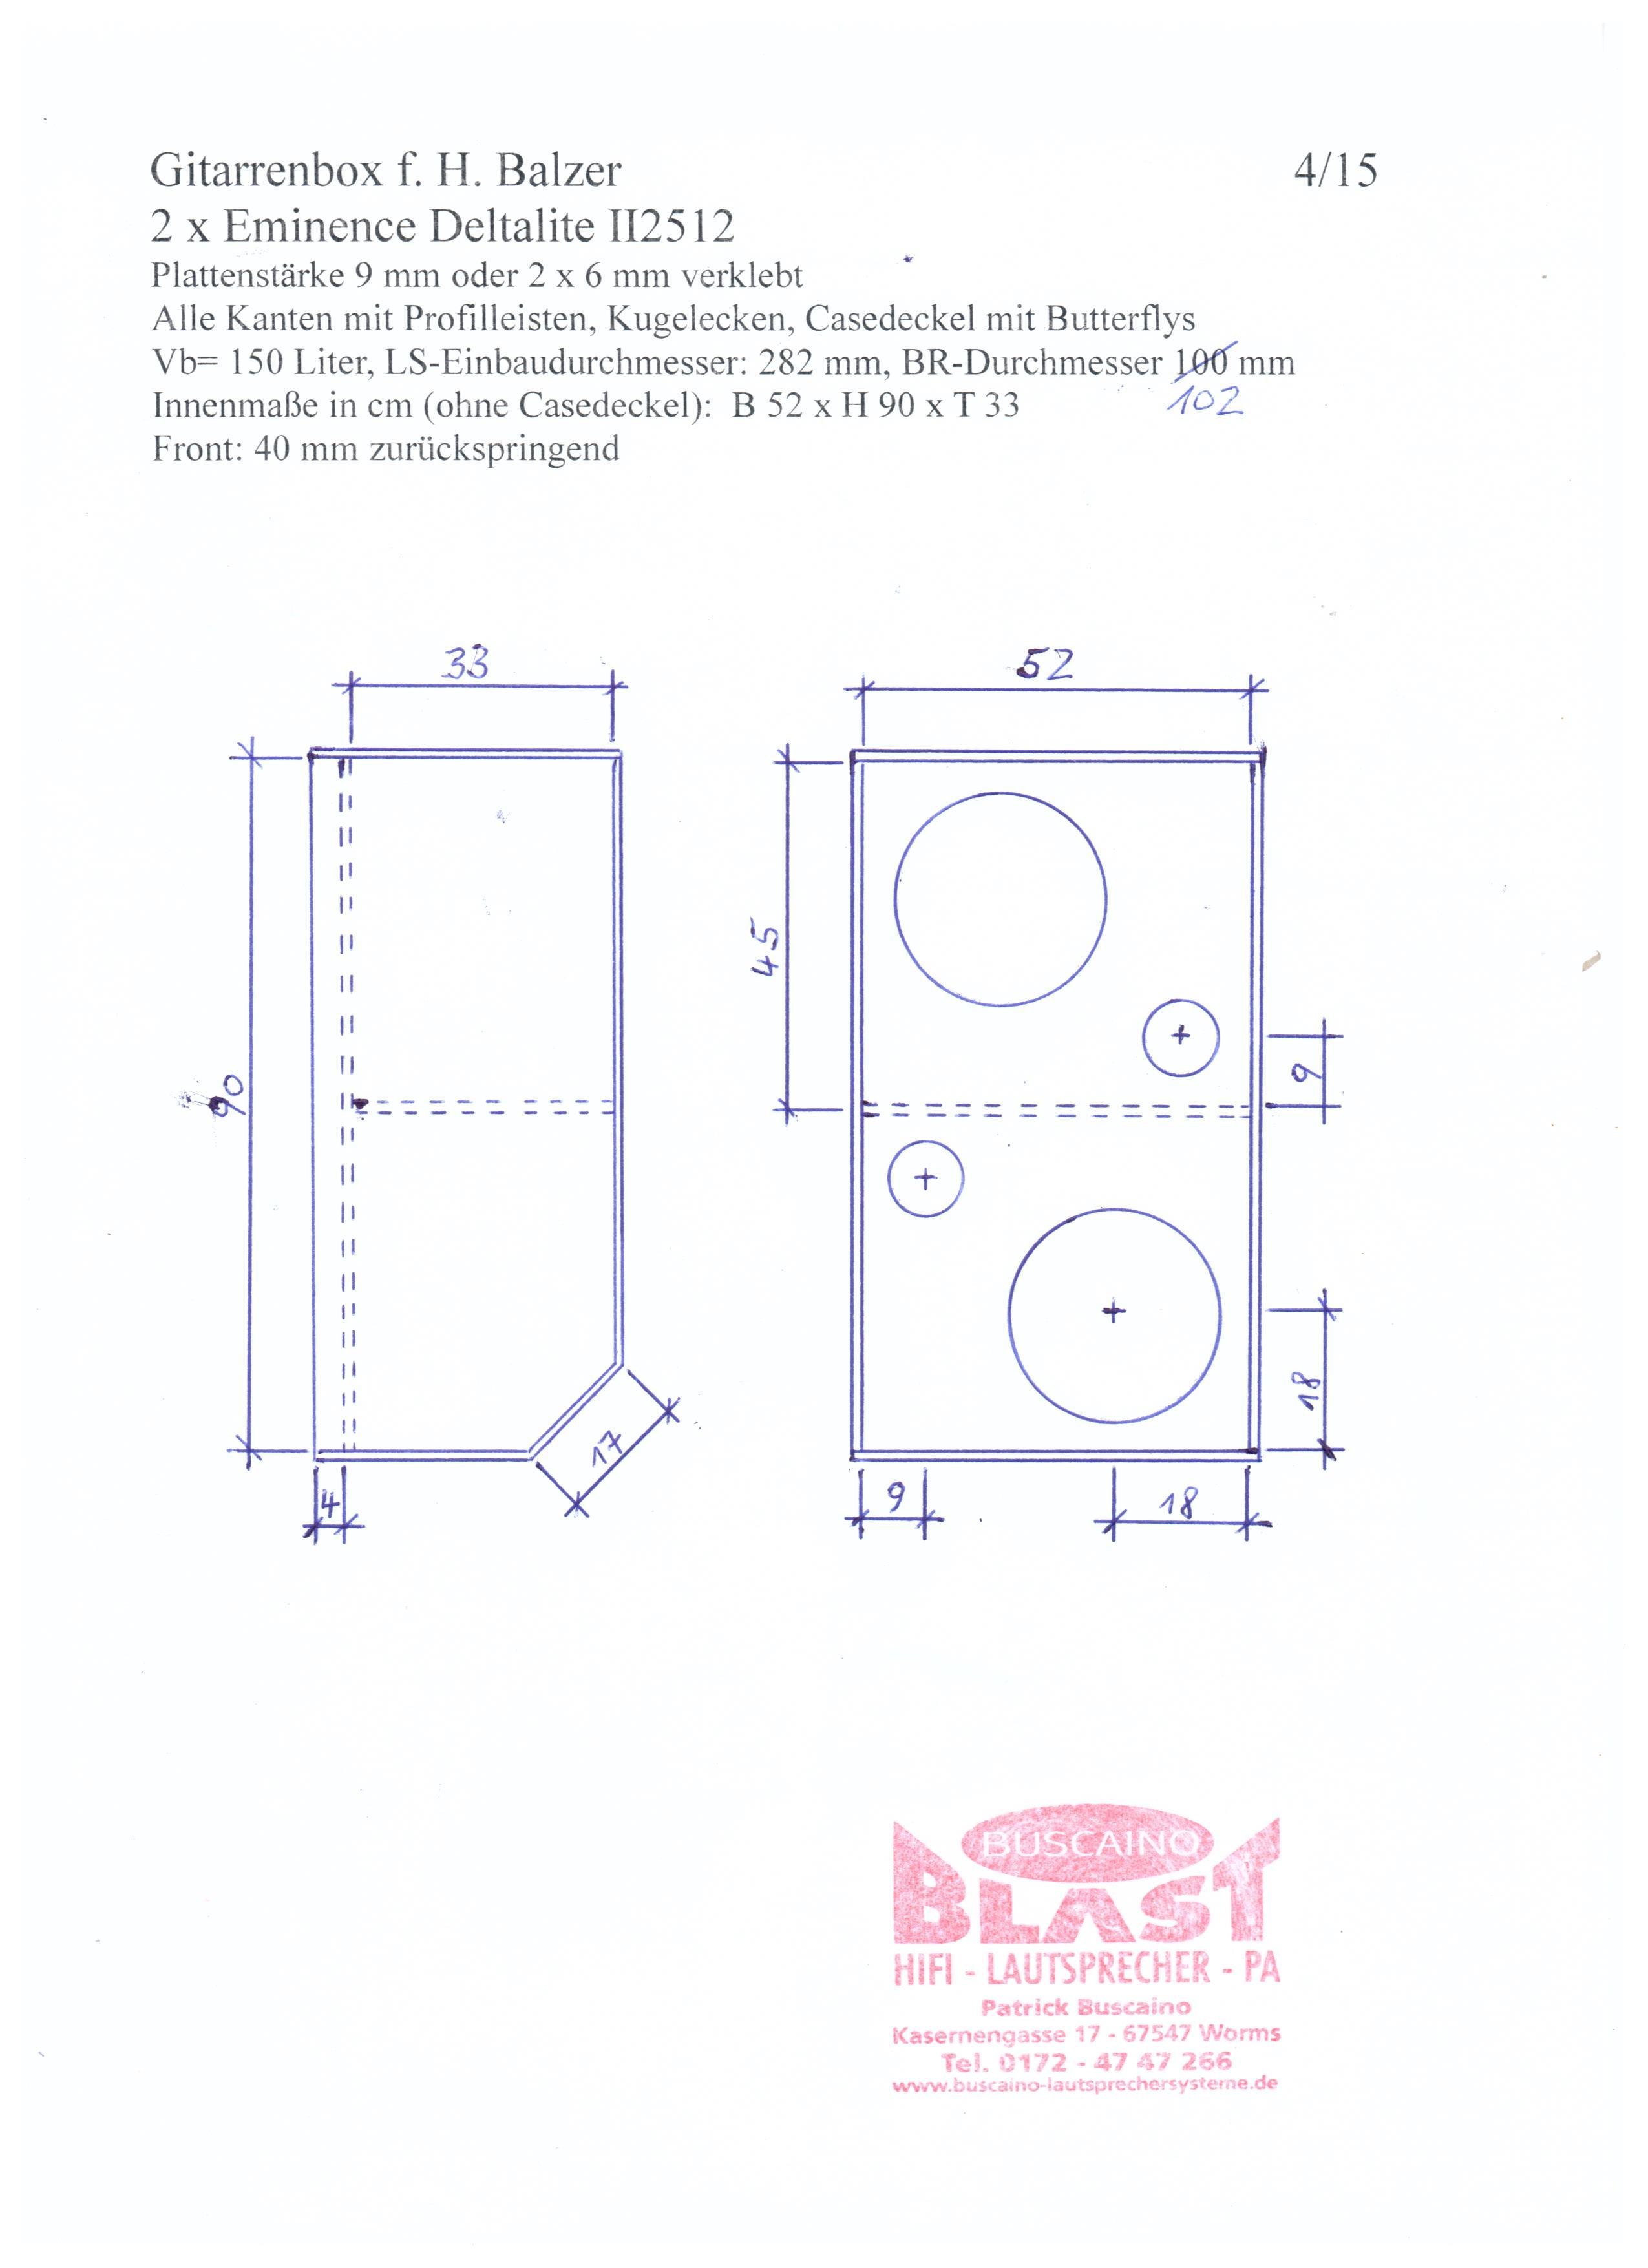 Wunderbar Kabeldurchmesser Zu Amp Diagramm Galerie - Der Schaltplan ...